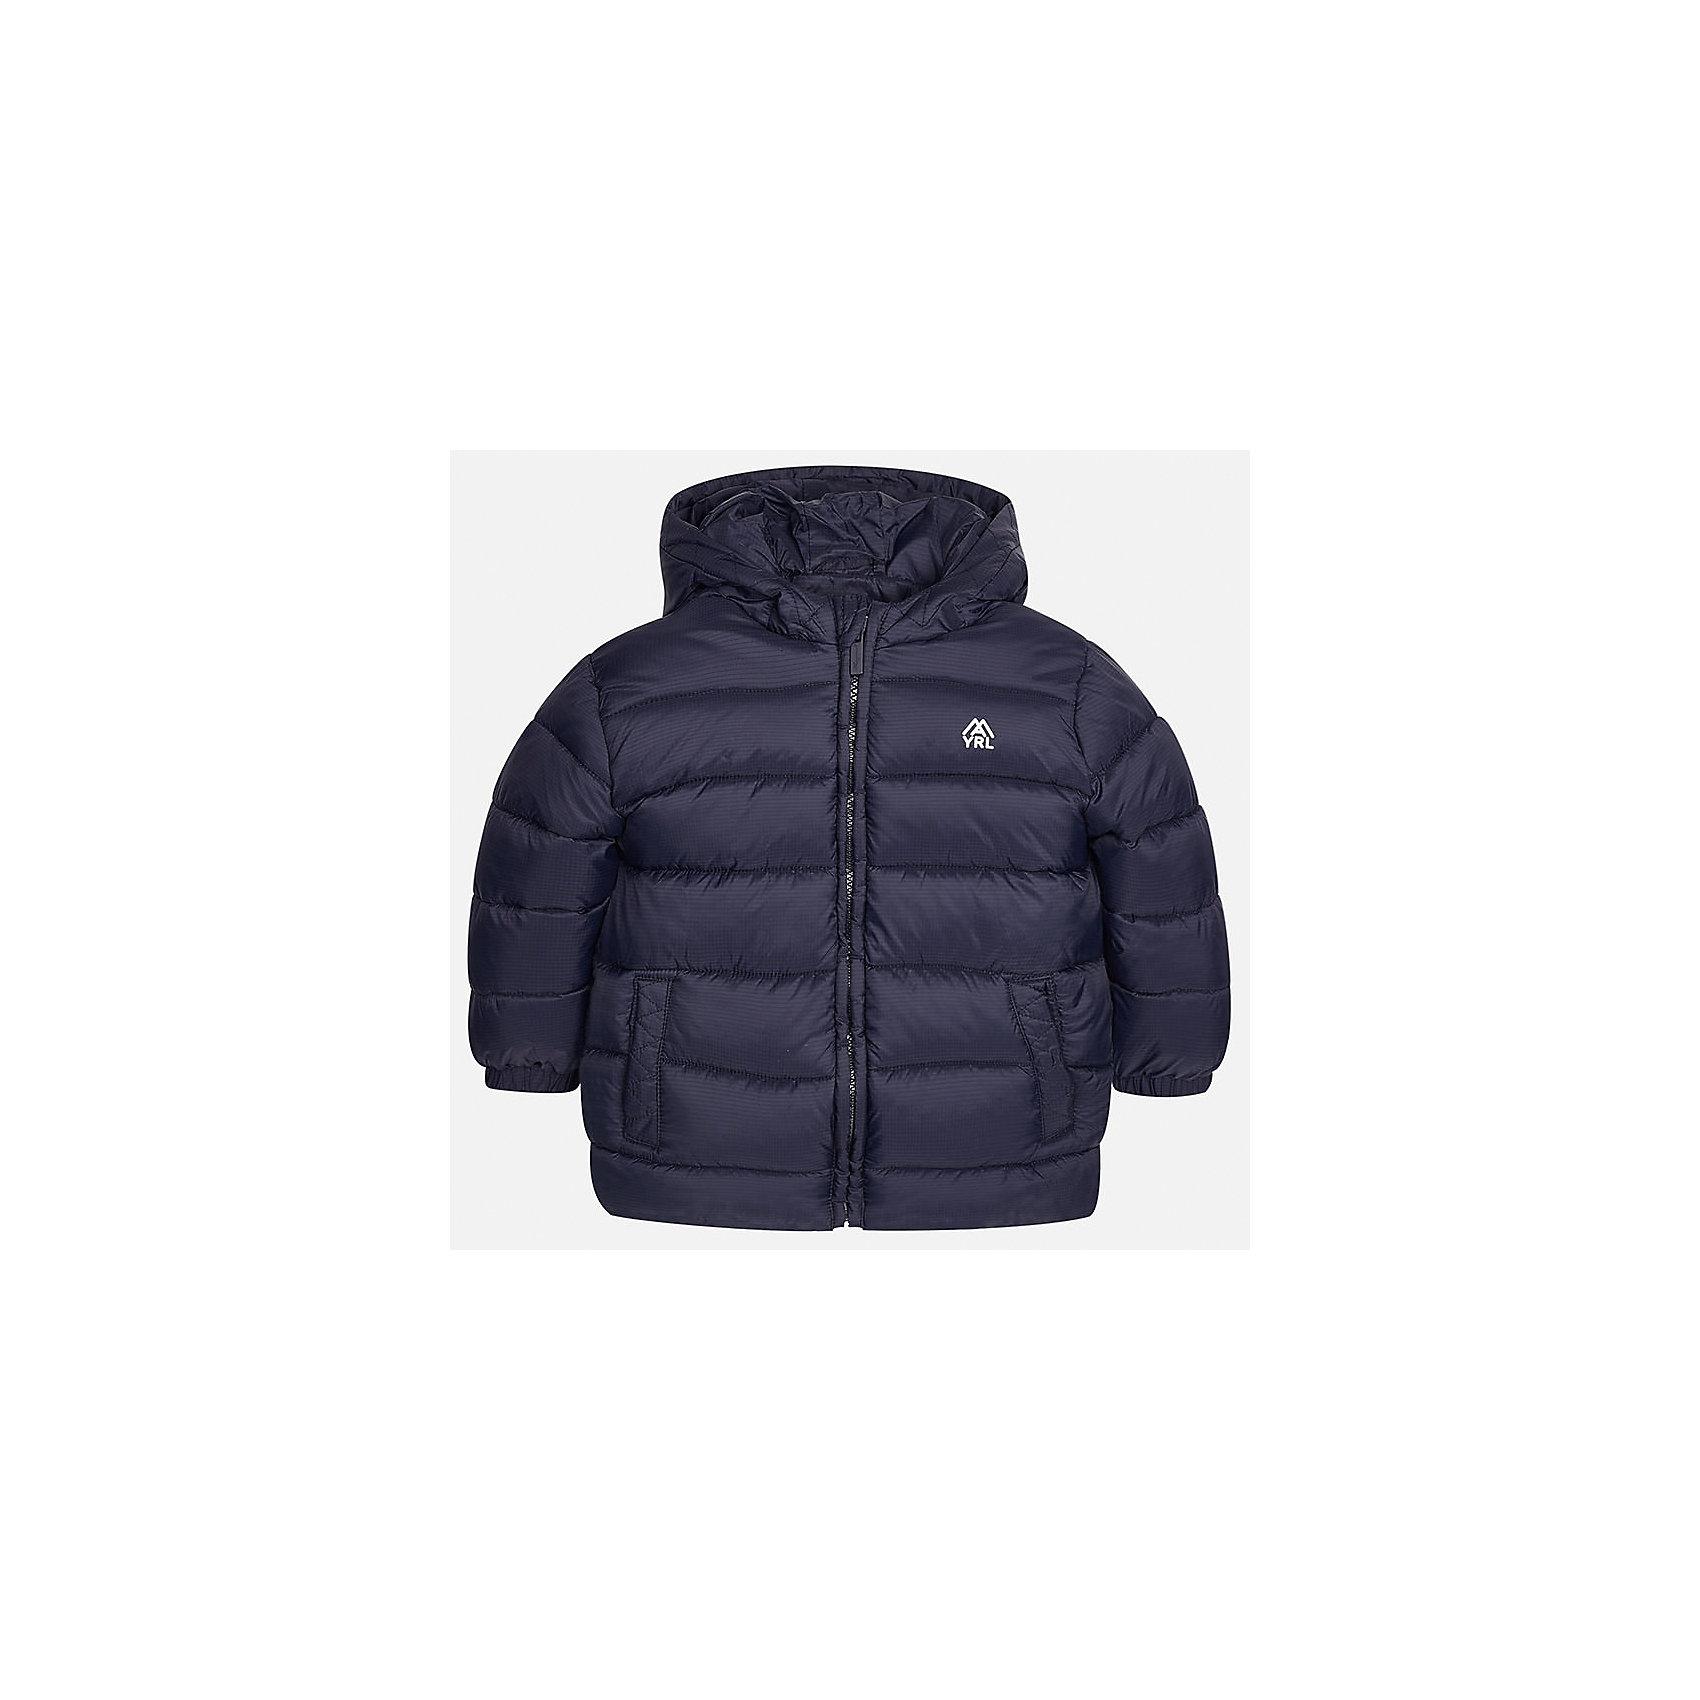 Куртка для мальчика MayoralВерхняя одежда<br>Характеристики товара:<br><br>• цвет: темно-синий;<br>• сезон: демисезон;<br>• состав ткани: 100% полиэстер;<br>• состав подкладки: 100% полиэстер;<br>• стеганая;<br>• капюшон: без меха, не отстегивается;<br>• страна бренда: Испания;<br>• страна изготовитель: Бангладеш.<br><br>Демисезонная куртка для мальчика от популярного бренда Mayoral несомненно понравится вам и вашему ребенку. Качественные ткани, безупречное исполнение, все модели в центре модных тенденций. Внешняя ткань плащевая, подкладка из флиса, аккуратные швы. Рукава на внутренней манжете. Застегивается на замок-молнию, капюшон не отстегивается. <br><br>Легкая и теплая куртка с капюшоном и карманами на холодную осень-весну. Грамотный крой изделия обеспечивает отличную посадку по фигуре.<br><br>Куртку  для мальчика Mayoral (Майорал) можно купить в нашем интернет-магазине.<br><br>Ширина мм: 356<br>Глубина мм: 10<br>Высота мм: 245<br>Вес г: 519<br>Цвет: темно-синий<br>Возраст от месяцев: 96<br>Возраст до месяцев: 108<br>Пол: Мужской<br>Возраст: Детский<br>Размер: 134,92,98,104,110,116,122,128<br>SKU: 6931927